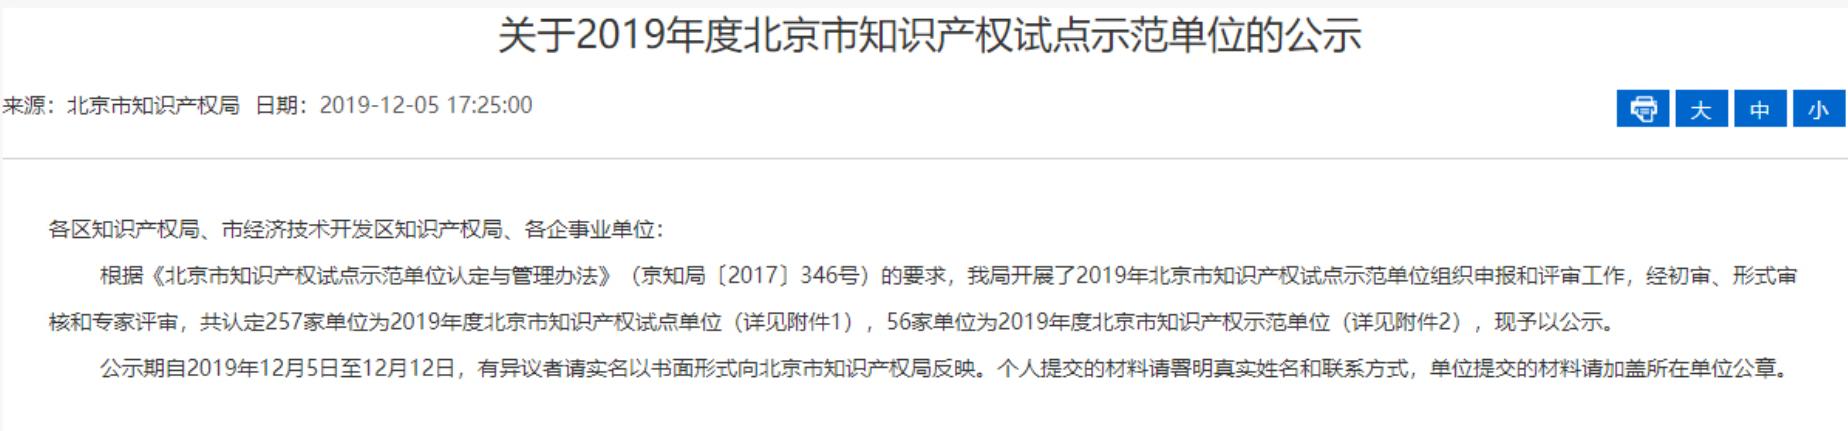 喜获北京市知识产权示范单位 中科同志再上发展新台阶